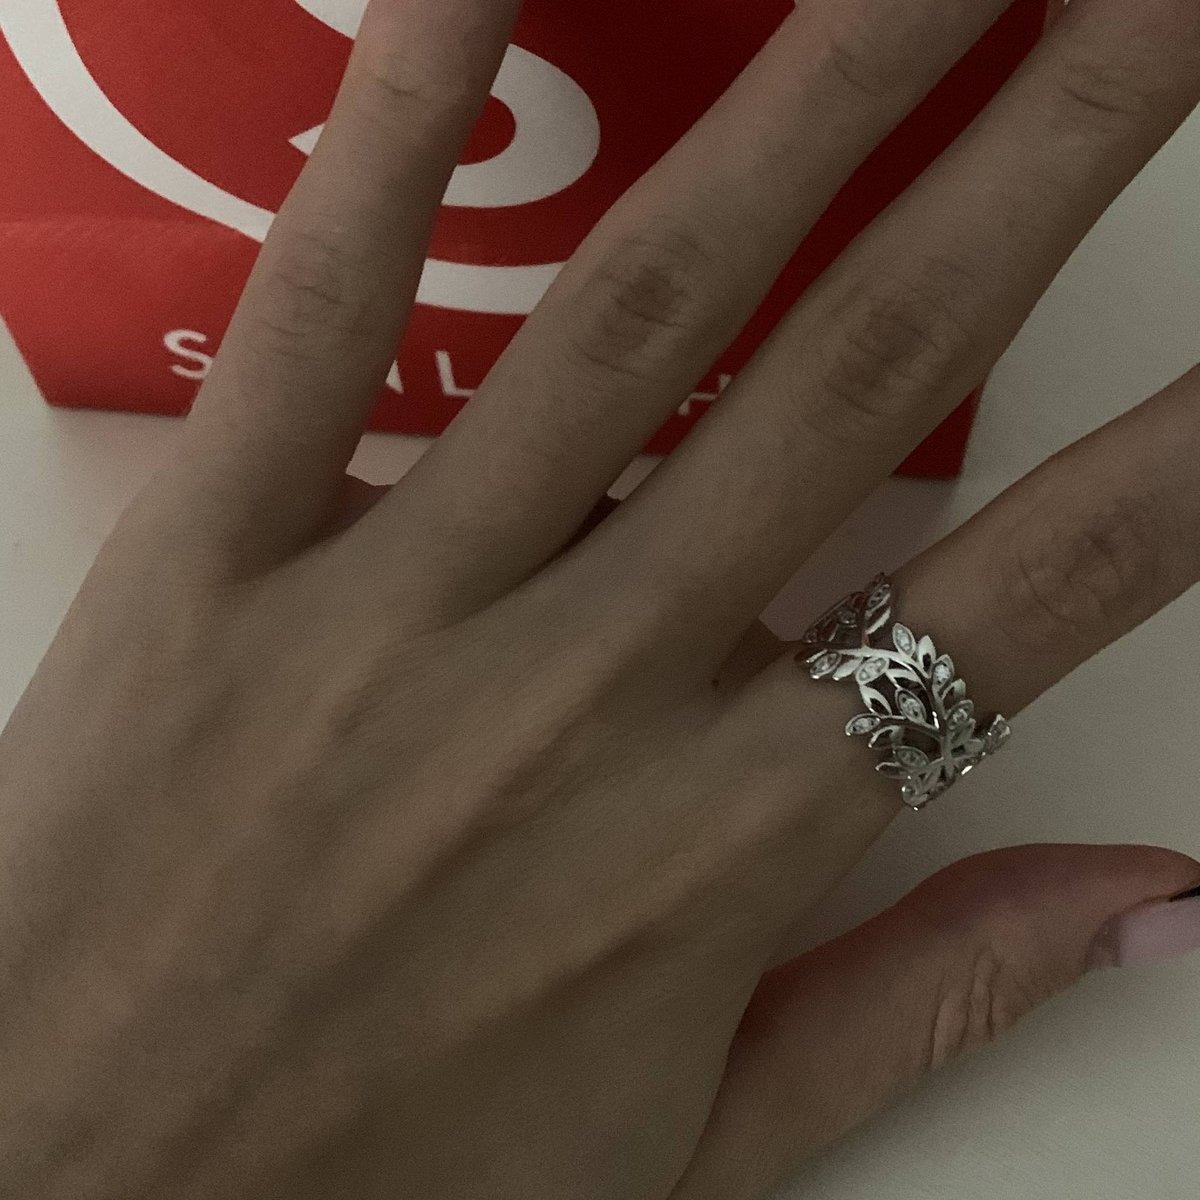 Я просто влюблена в это кольцо